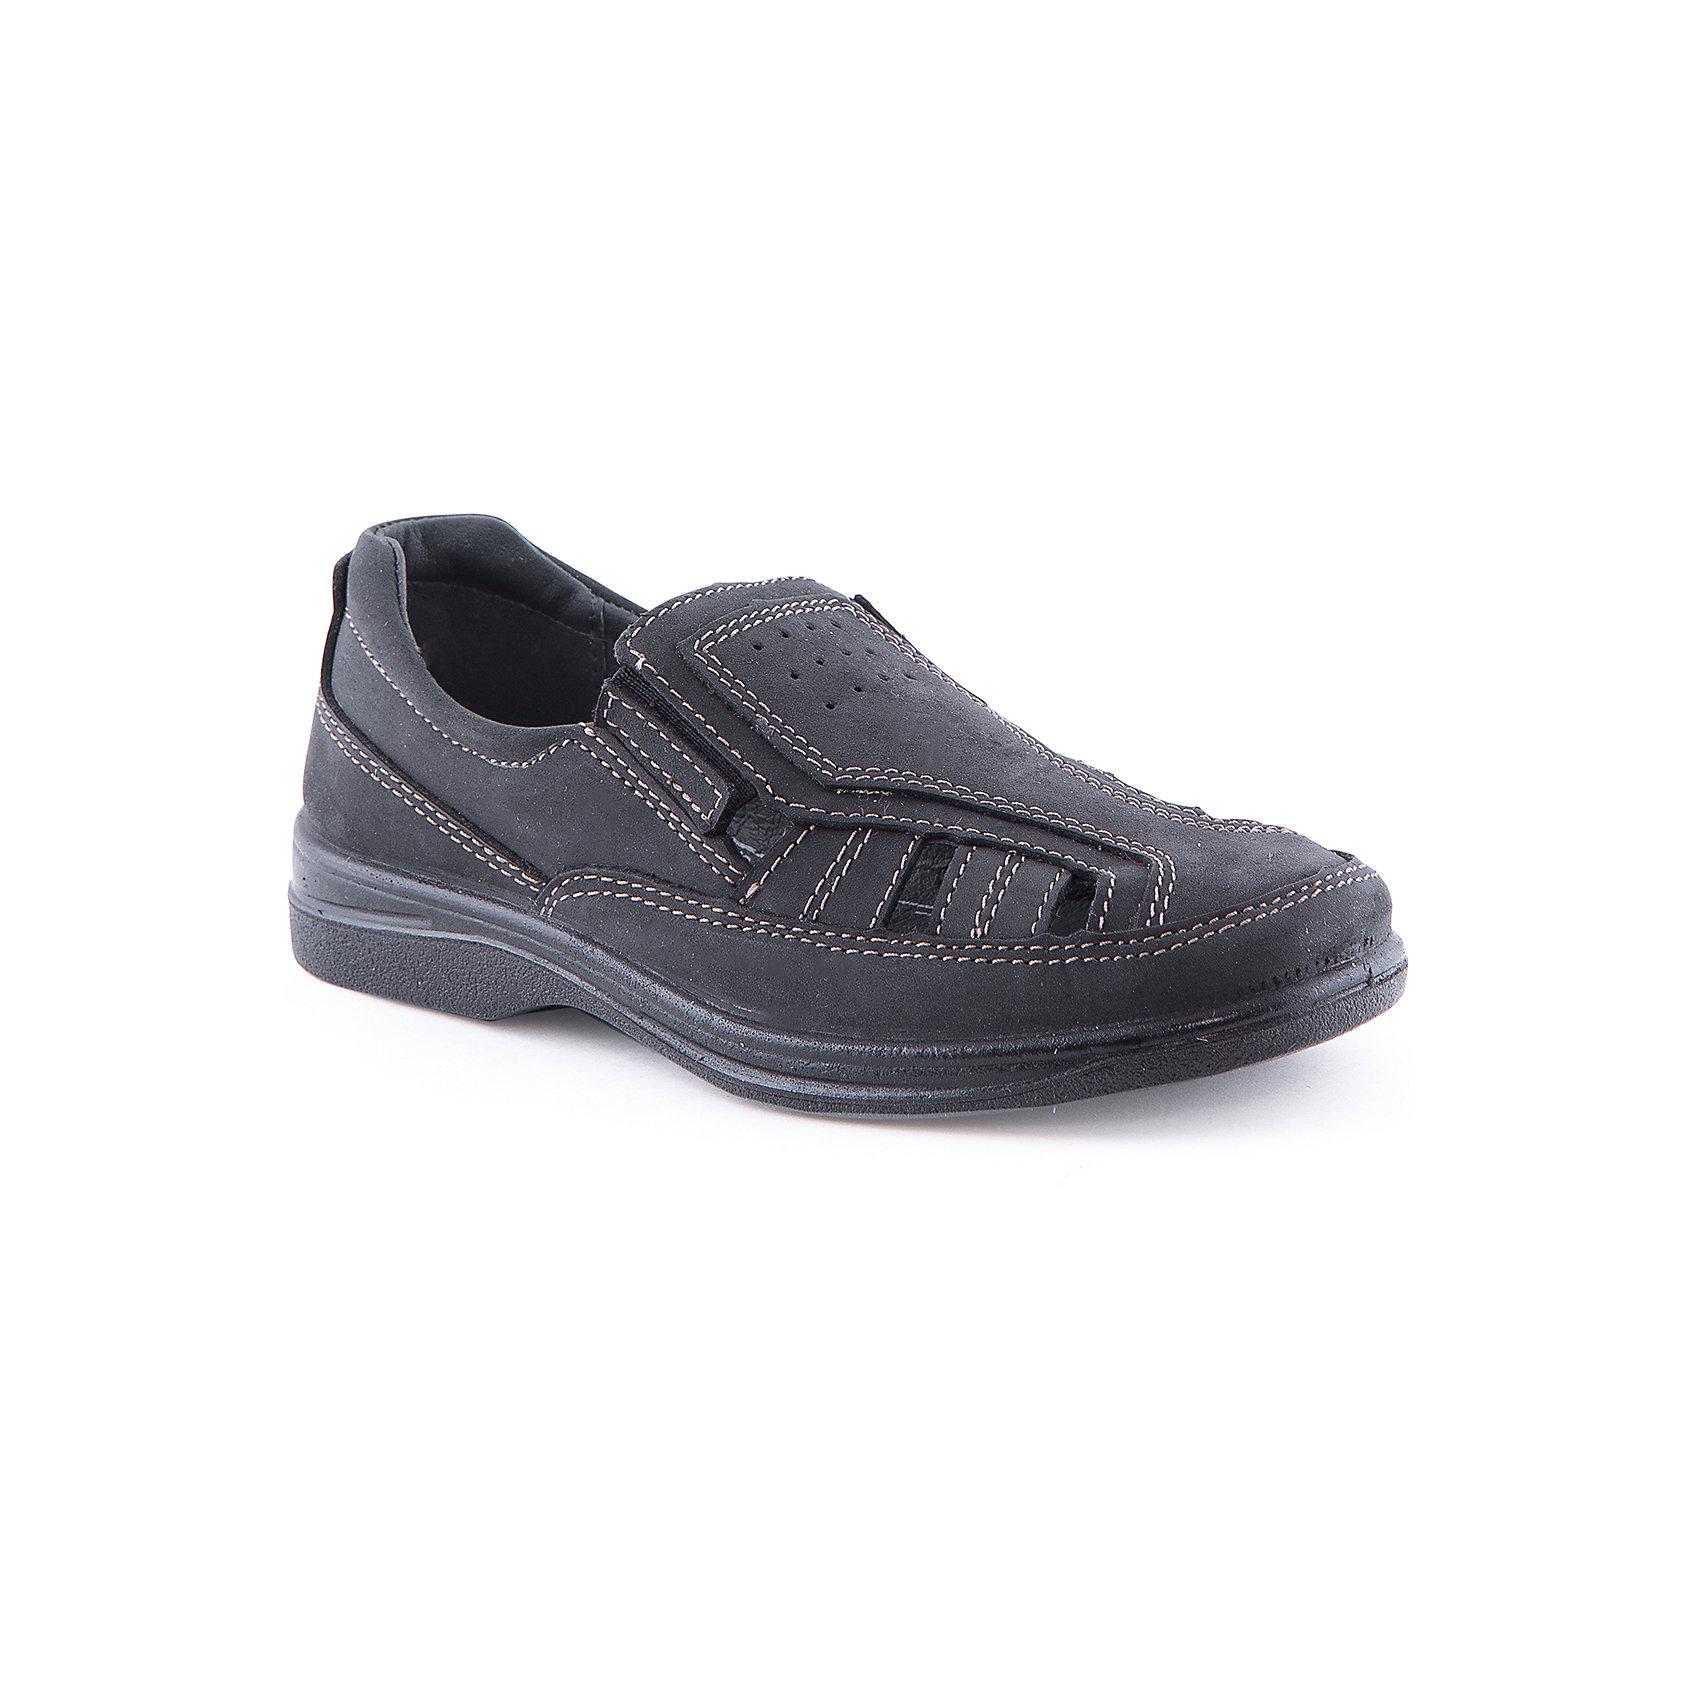 Туфли для мальчика КотофейОбувь<br>Полуботинки для мальчика от известного российского бренда Котофей<br><br>Удобные школьные полуботинки можно носить и летом, и в начале осени. Они легко надеваются, комфортно садятся по ноге. <br>Изделия позволяют ноге дышать, обеспечивают комфорт. Их можно носить как с брюками, так и с джинсами.<br><br>Особенности модели:<br><br>- цвет - черный;<br>- перфорация;<br>- контрастная прострочка;<br>- натуральная кожа;<br>- комфортная колодка;<br>- вид крепления – литьевой;<br>- защита пятки и пальцев;<br>- амортизирующая устойчивая подошва;<br>- без застежки.<br><br>Дополнительная информация:<br><br>Температурный режим:<br><br>от +10° С до +25° С<br><br>Состав:<br>верх – натуральная кожа;<br>подкладка - натуральная кожа;<br>подошва - ПУ.<br><br>Полуботинки для мальчика Котофей можно купить в нашем магазине.<br><br>Ширина мм: 262<br>Глубина мм: 176<br>Высота мм: 97<br>Вес г: 427<br>Цвет: черный<br>Возраст от месяцев: 156<br>Возраст до месяцев: 168<br>Пол: Мужской<br>Возраст: Детский<br>Размер: 31,34,39,38,36,35,33,37,32<br>SKU: 4565740